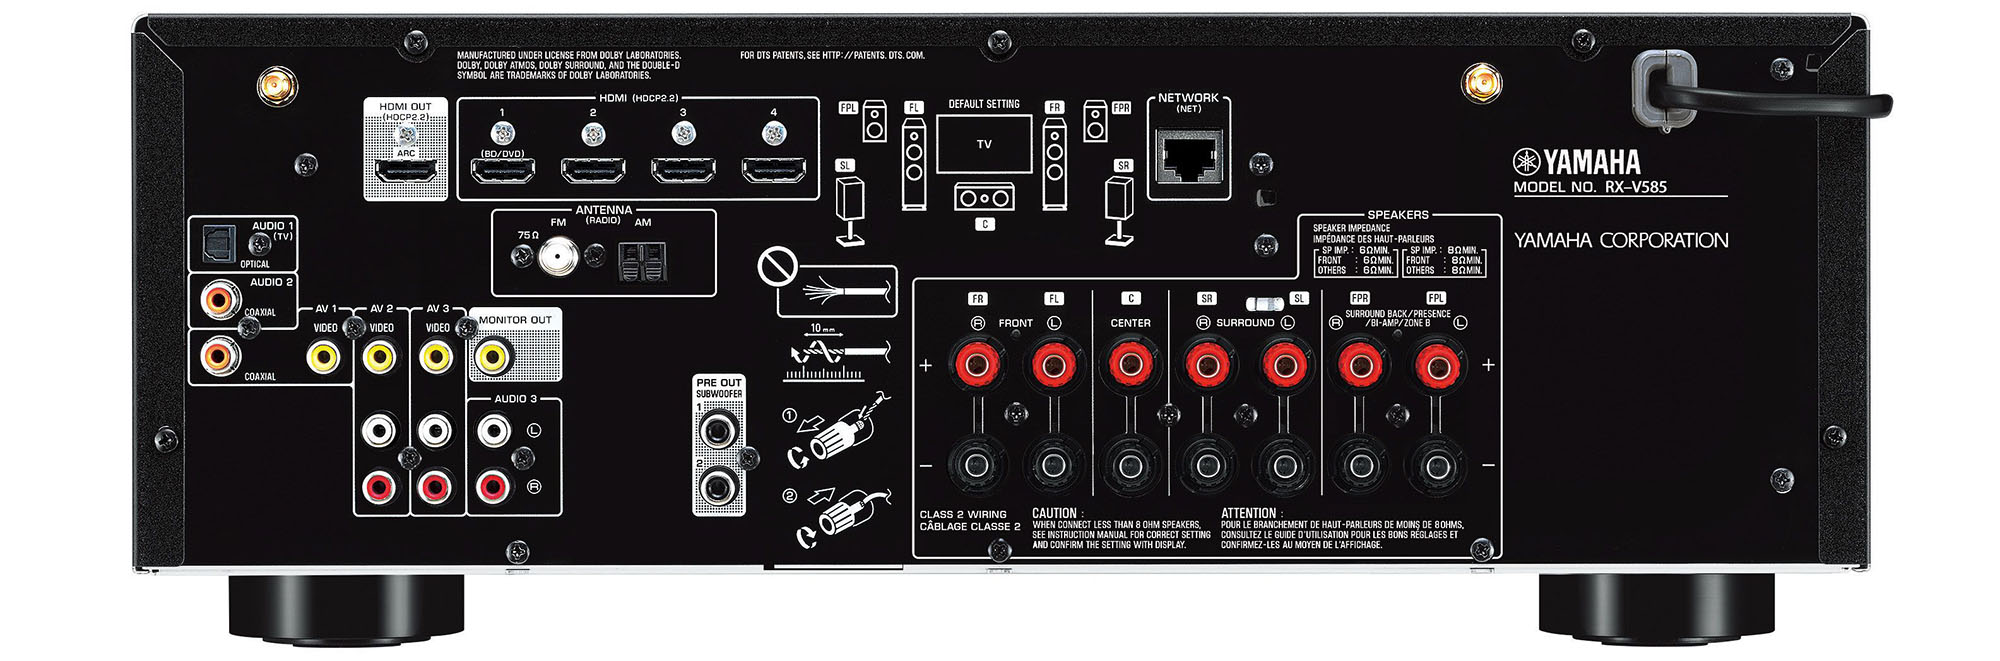 Yamaha RX-V585 Review (7.2 CH 4K AV Receiver)